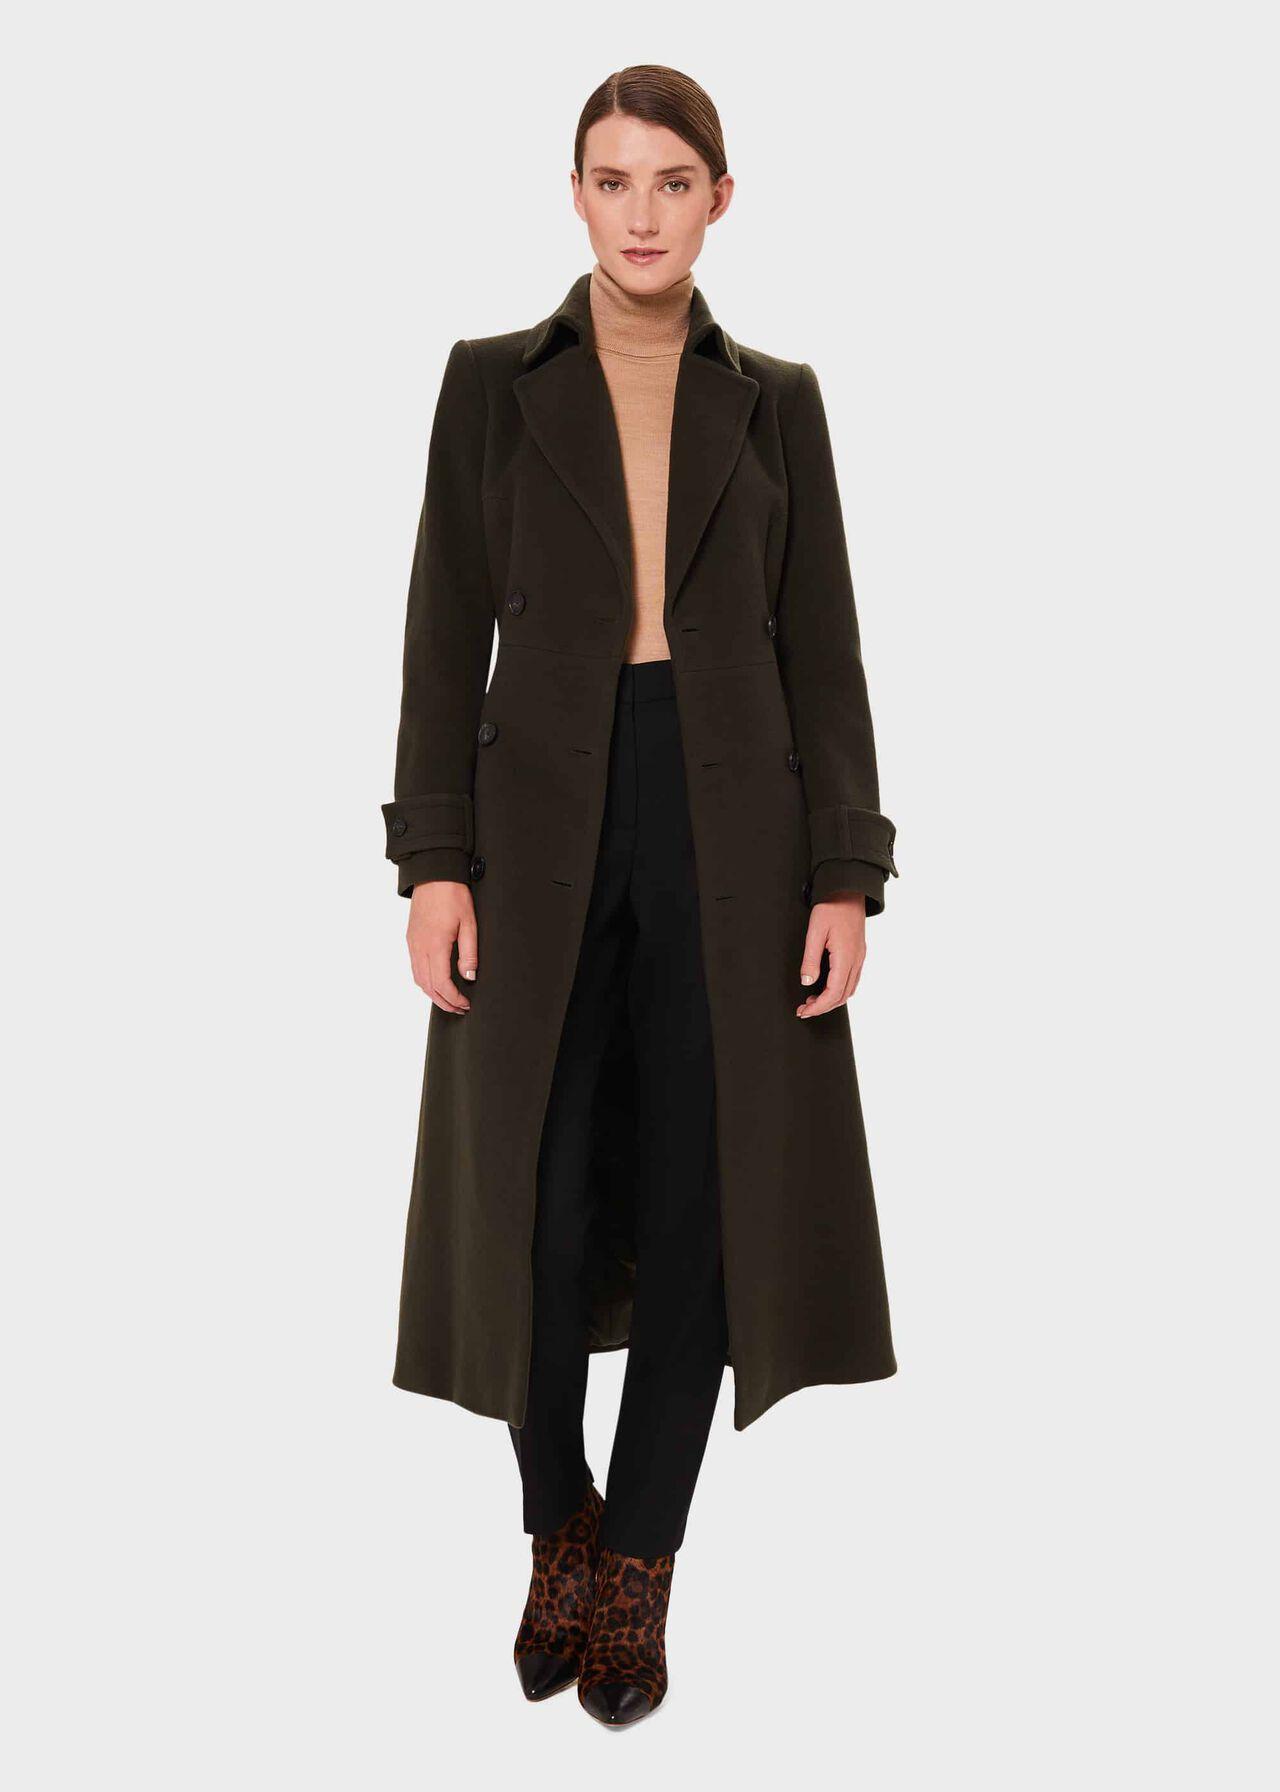 HOBBS Ladies Black Wool Blend Single Breasted Shona Coat UK14 BNWT RRP239